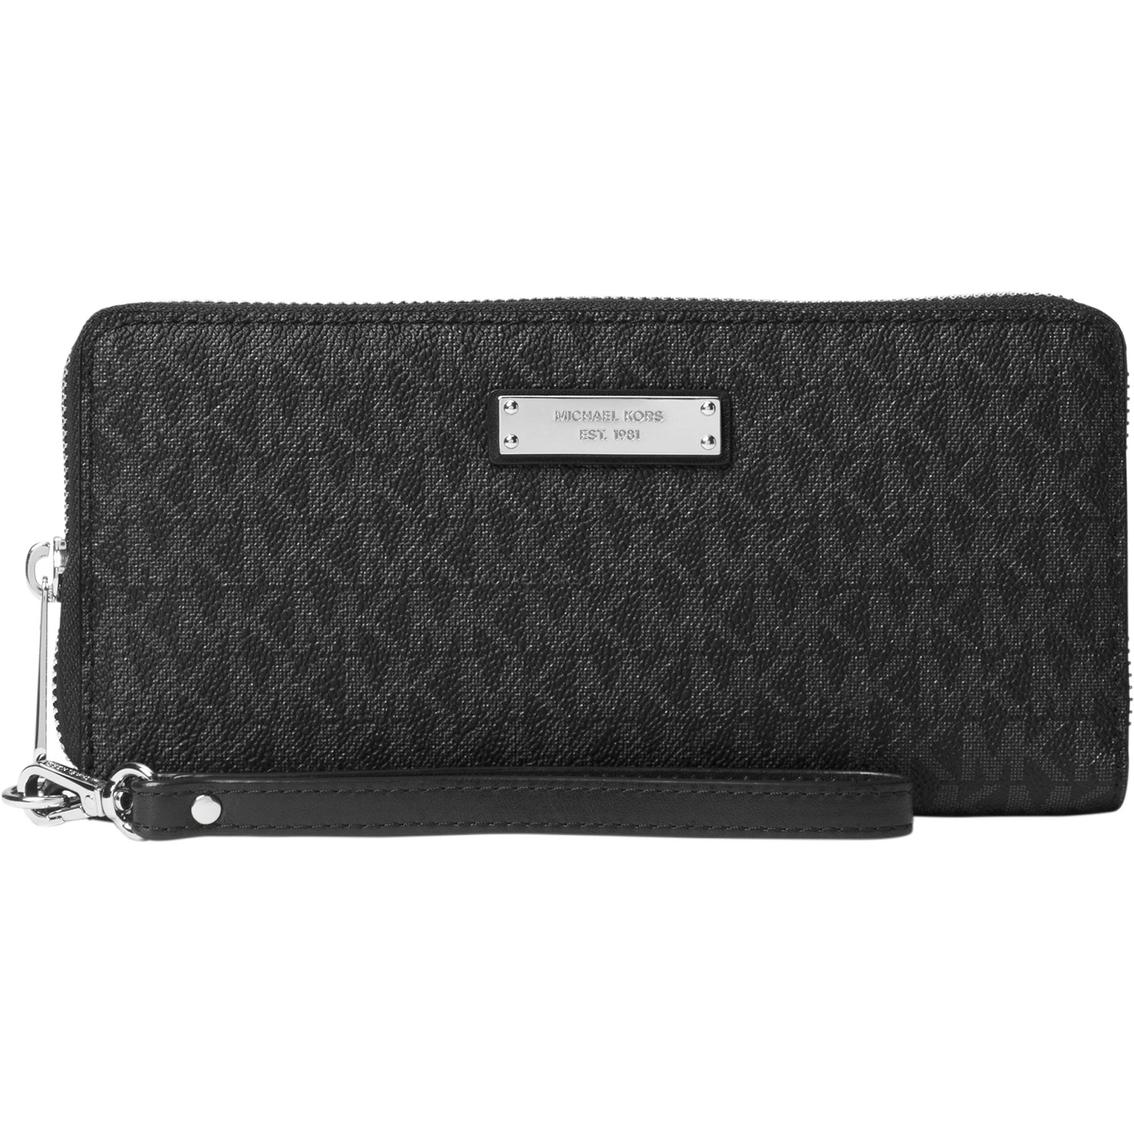 fb6517cca1cb Michael Kors Jet Set Travel Continental Wallet | Wallets | Handbags ...